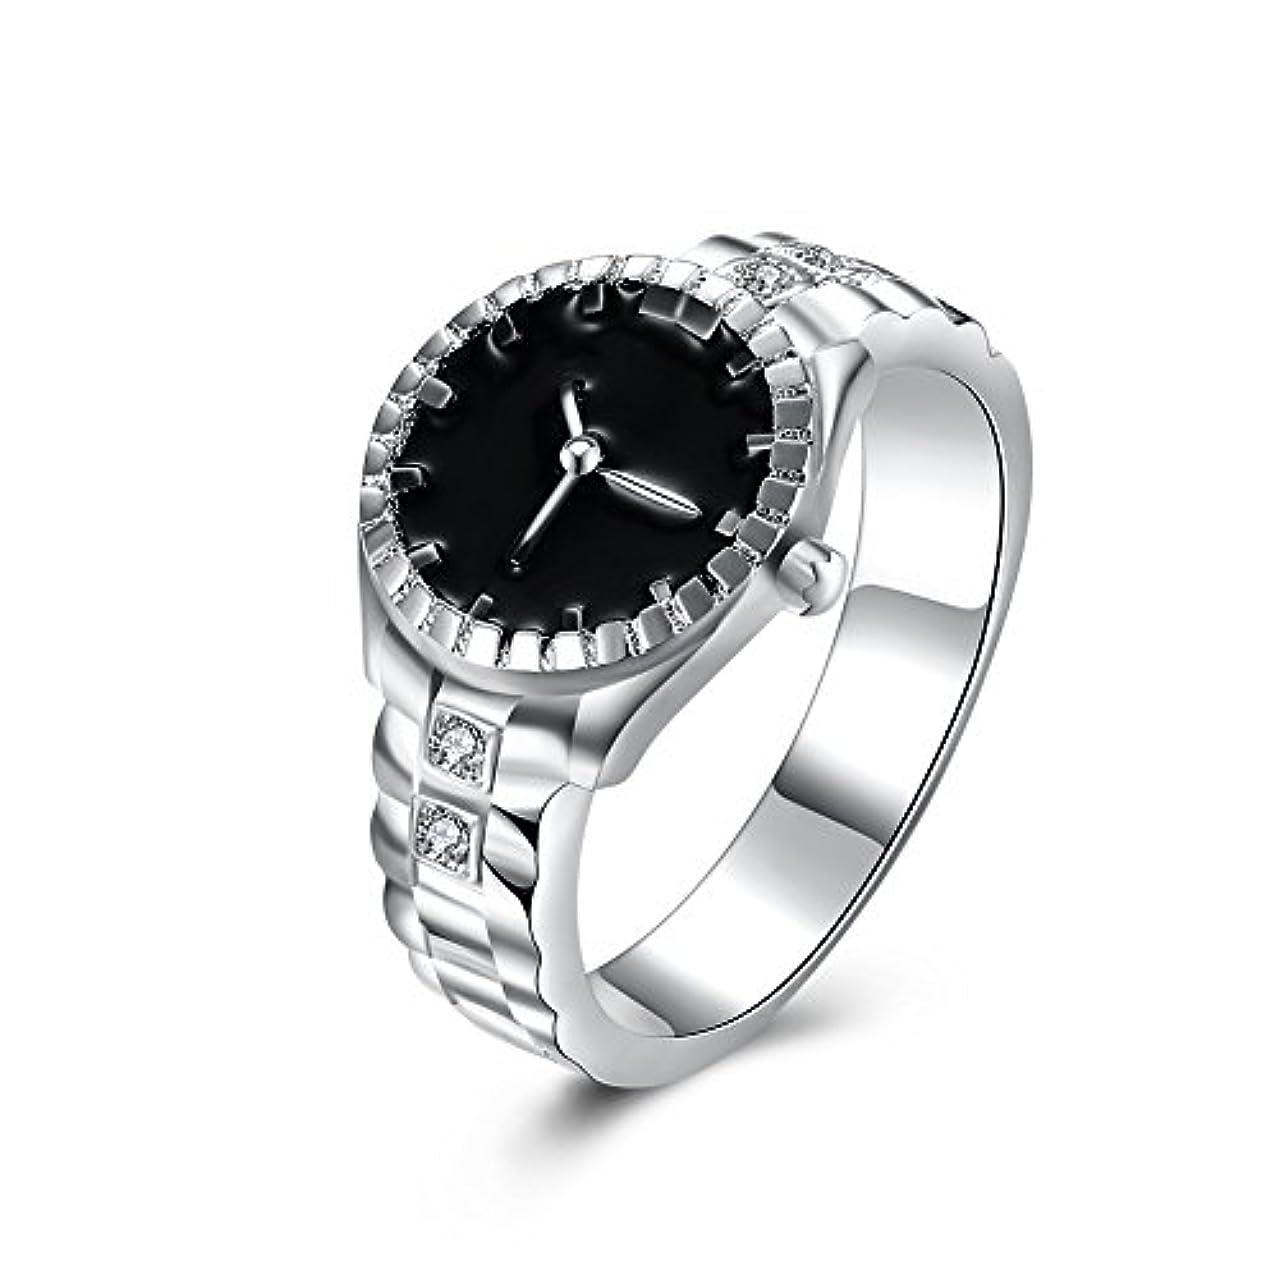 おそらくシリーズ名誉ある925スターリングシルバーメッキ時計型ダイヤモンドリングファッションジュエリー周年記念ギフト (マルチカラー)